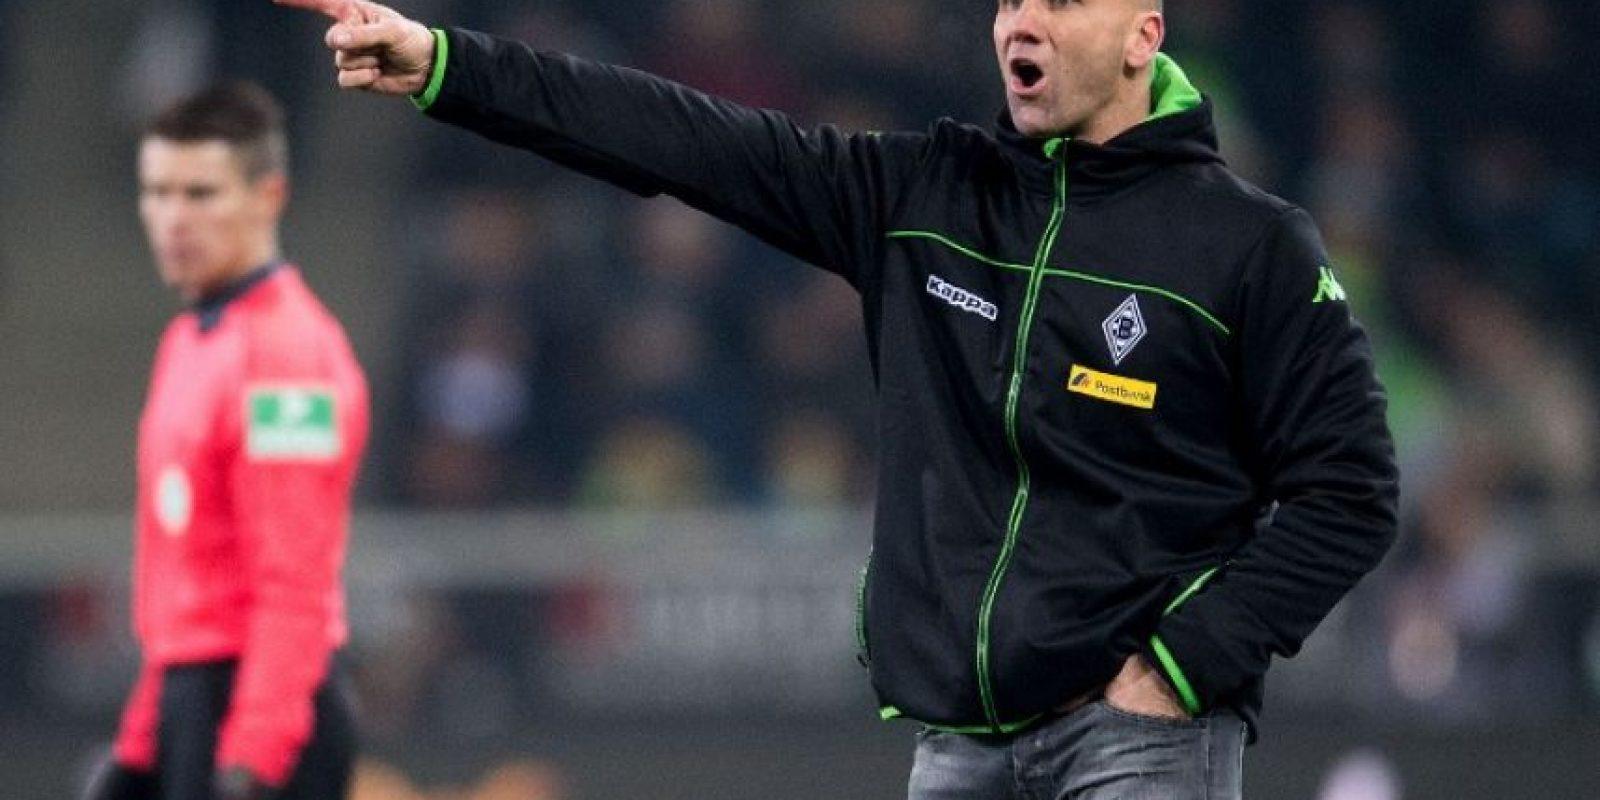 André Schubert dejó la dirección del Mönchengladbach tras los malos resultados obtenidos a principio de temporada. Foto:AFP